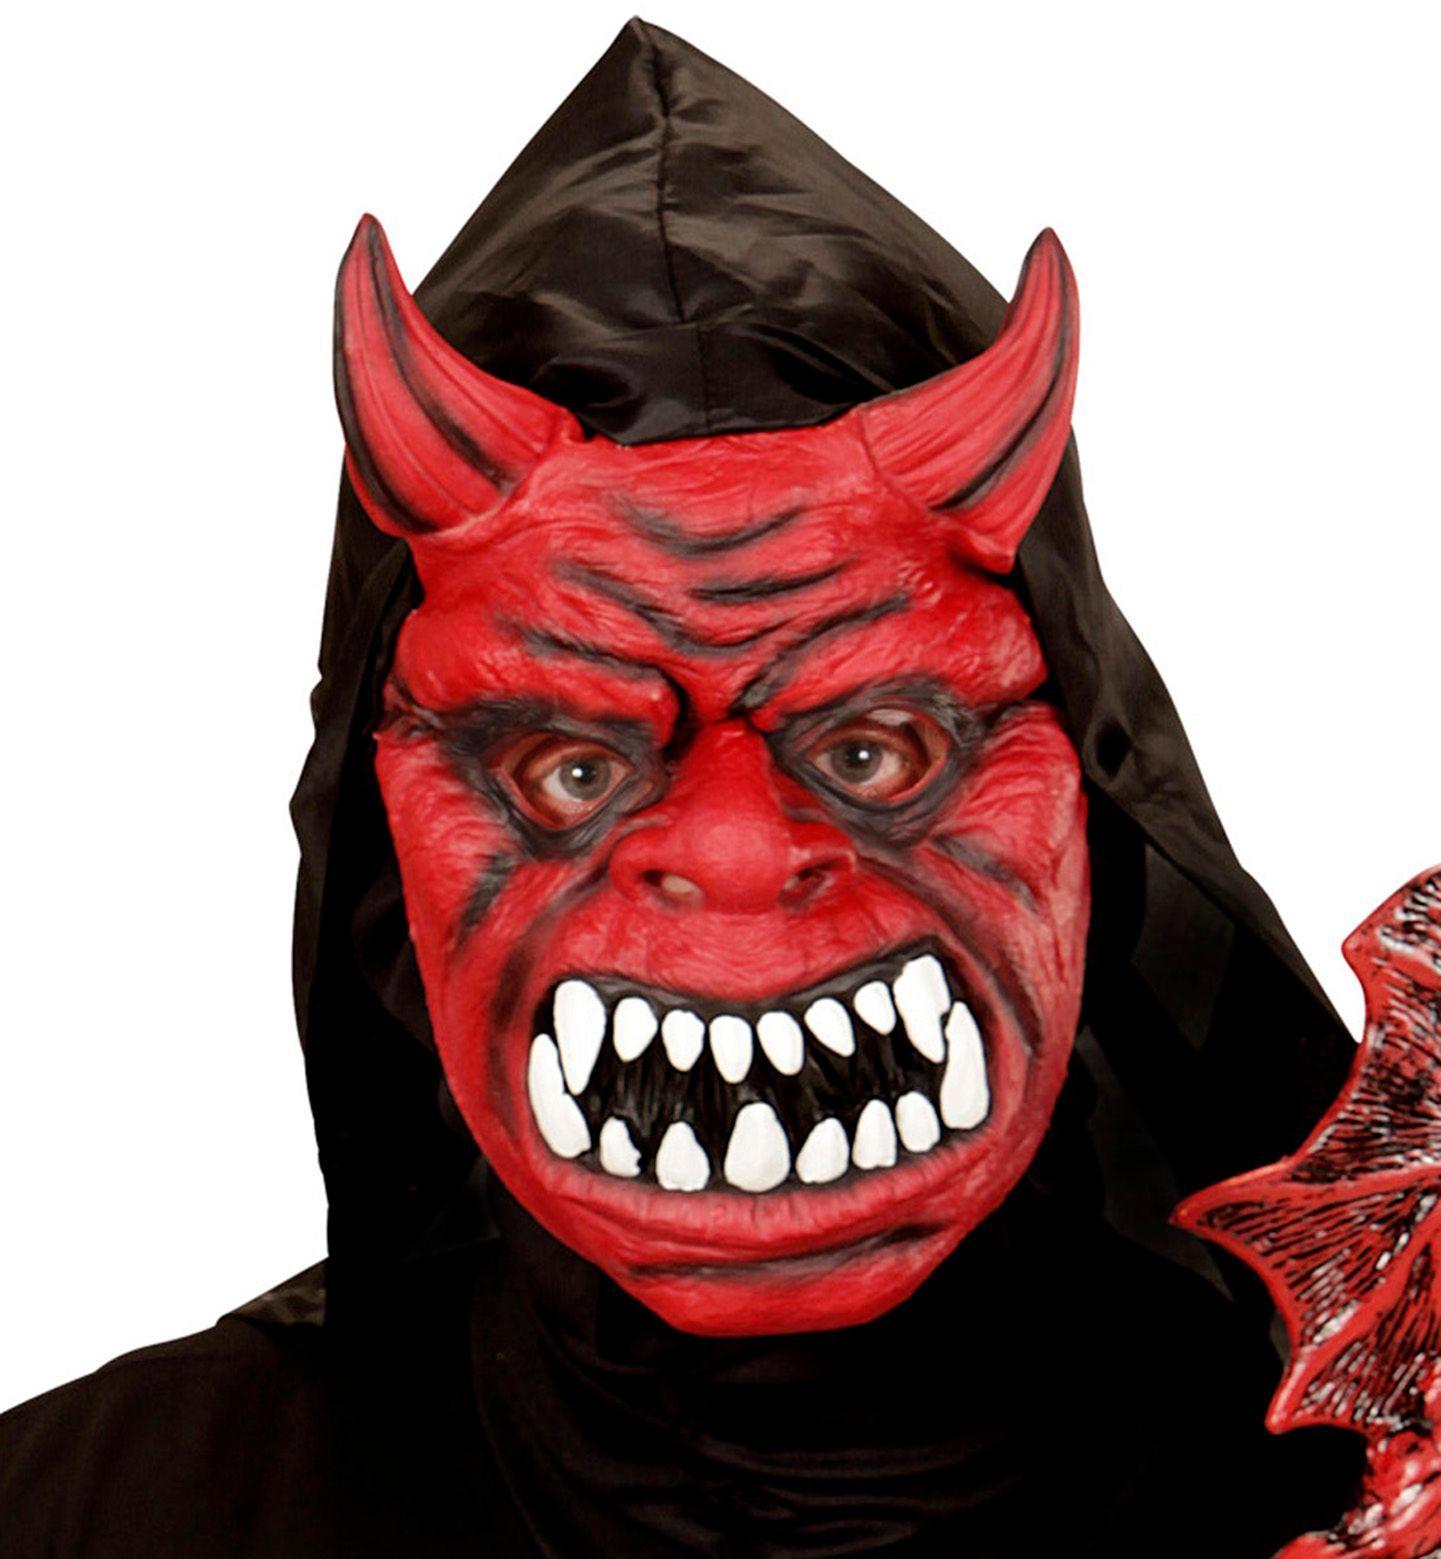 Rood duivelmasker met capuchon